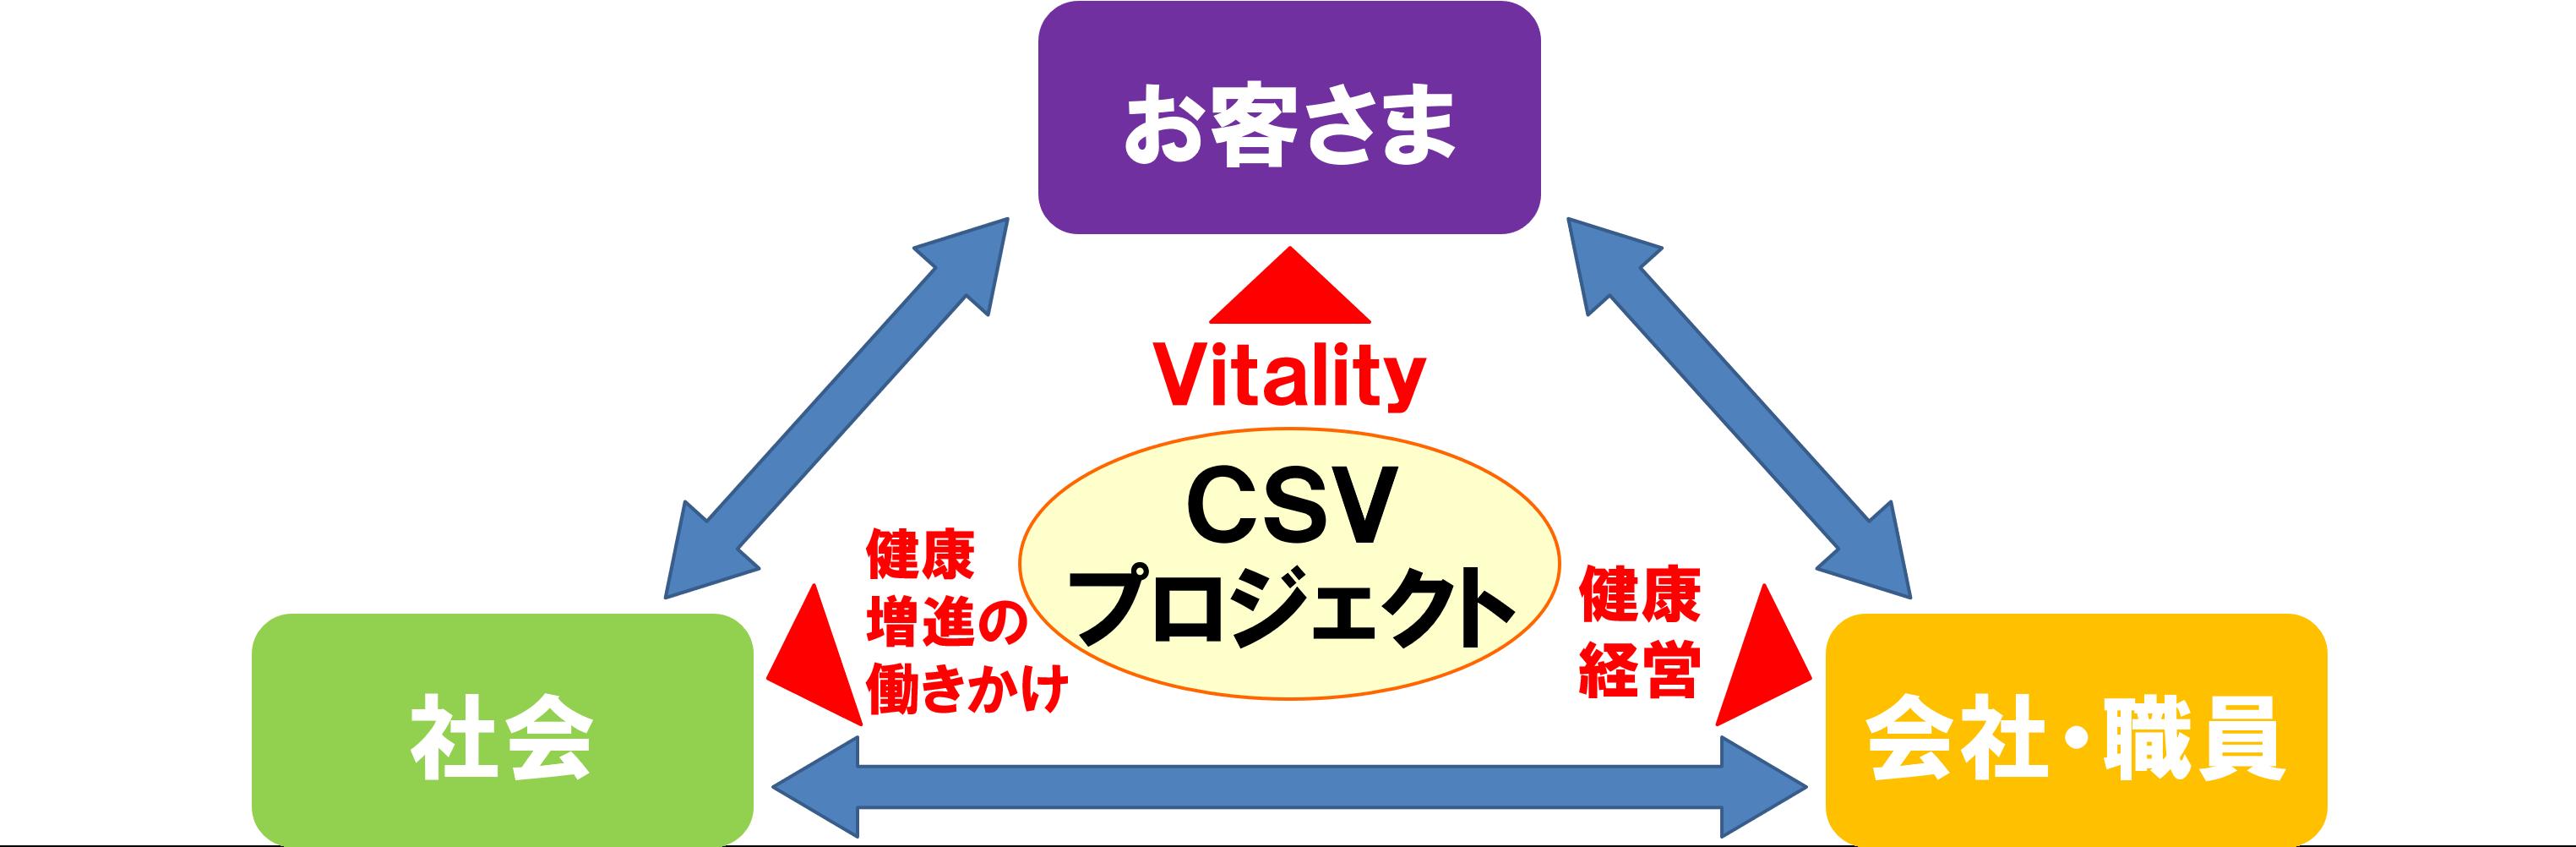 CSVプロジェクト